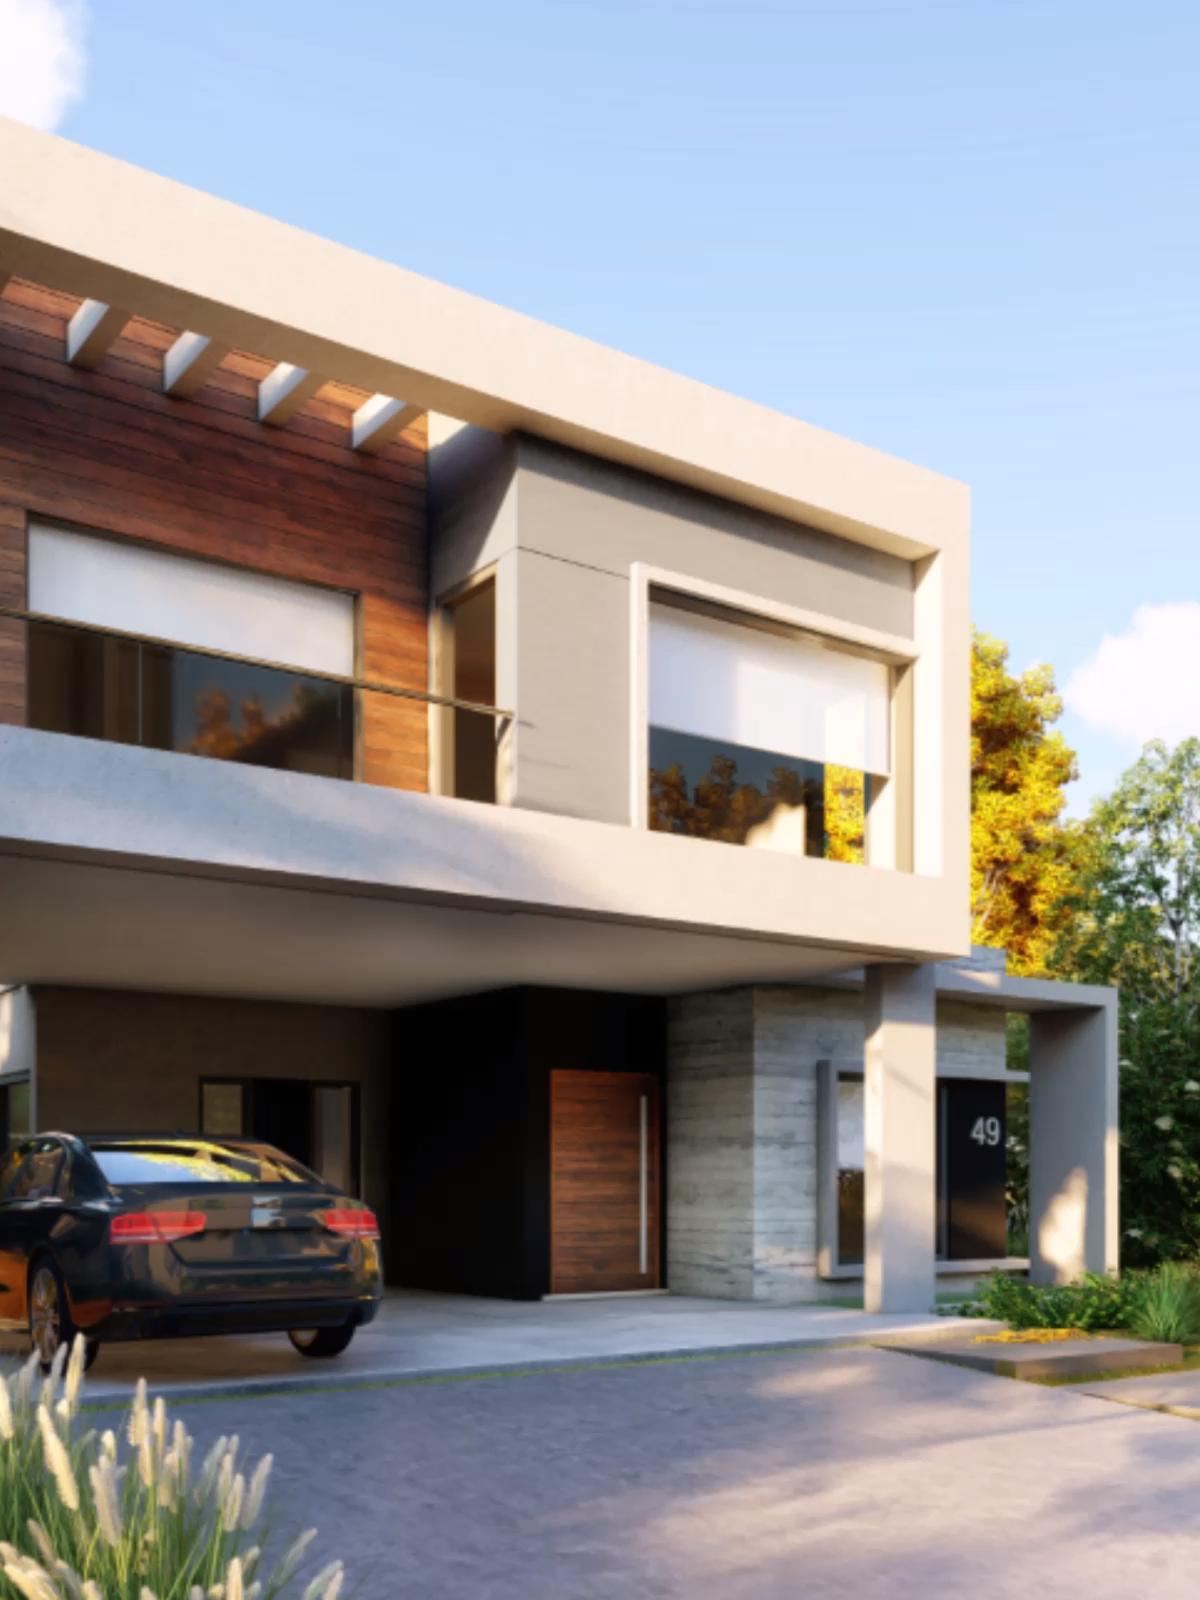 Photo of Design e architettura di una bella casa moderna in Argentina progetto dell'architetto Nicolás Negro